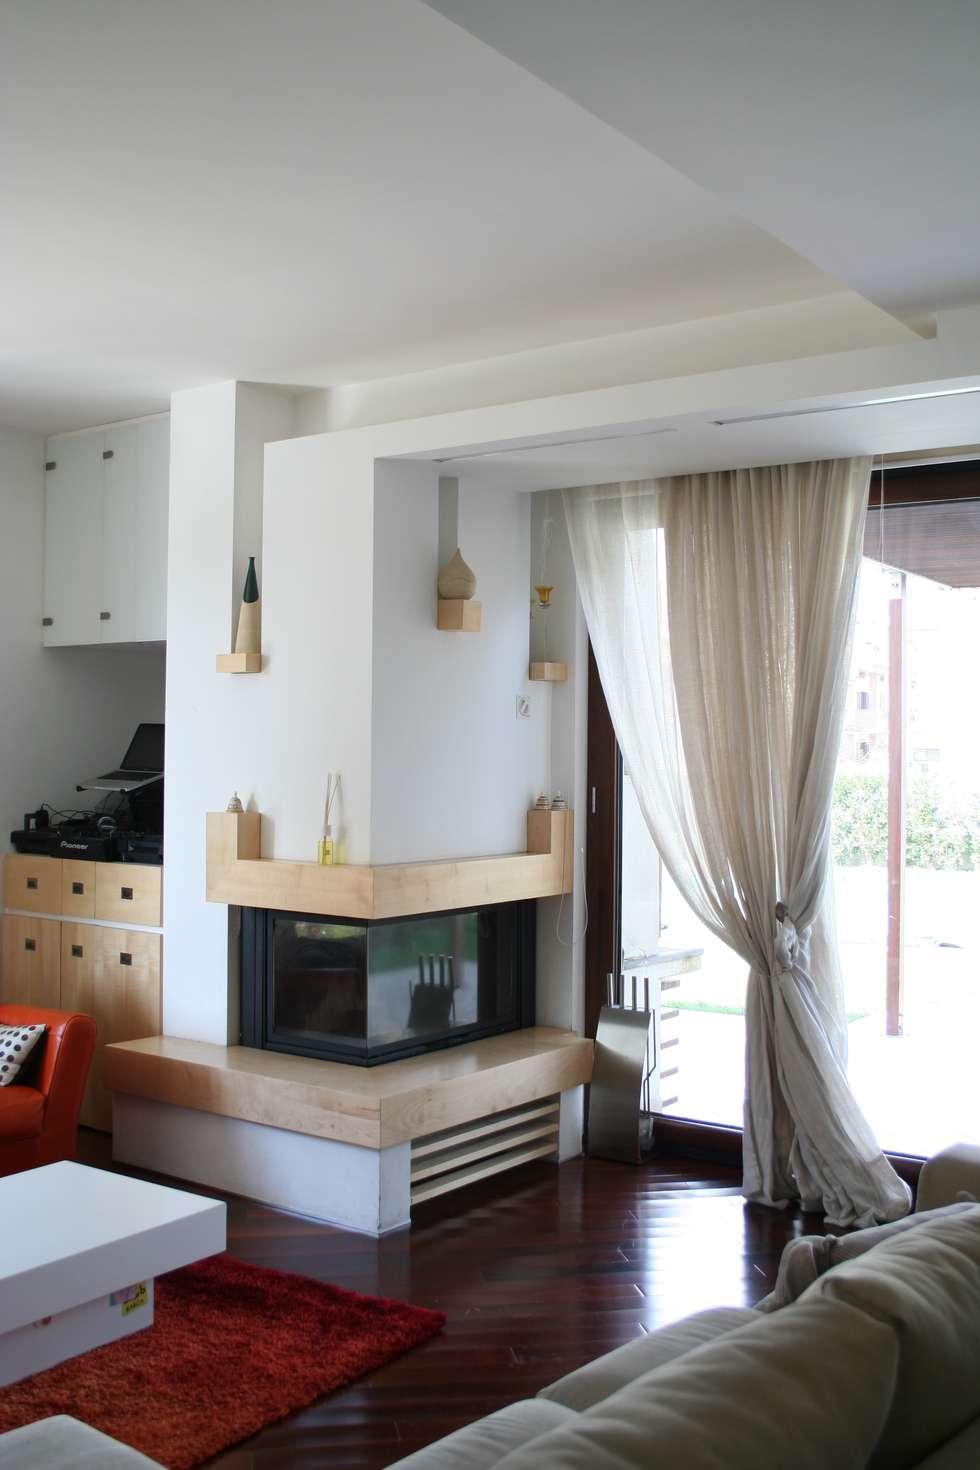 Soggiorno, angolo camino.: Soggiorno in stile in stile Moderno di PARIS PASCUCCI ARCHITETTI